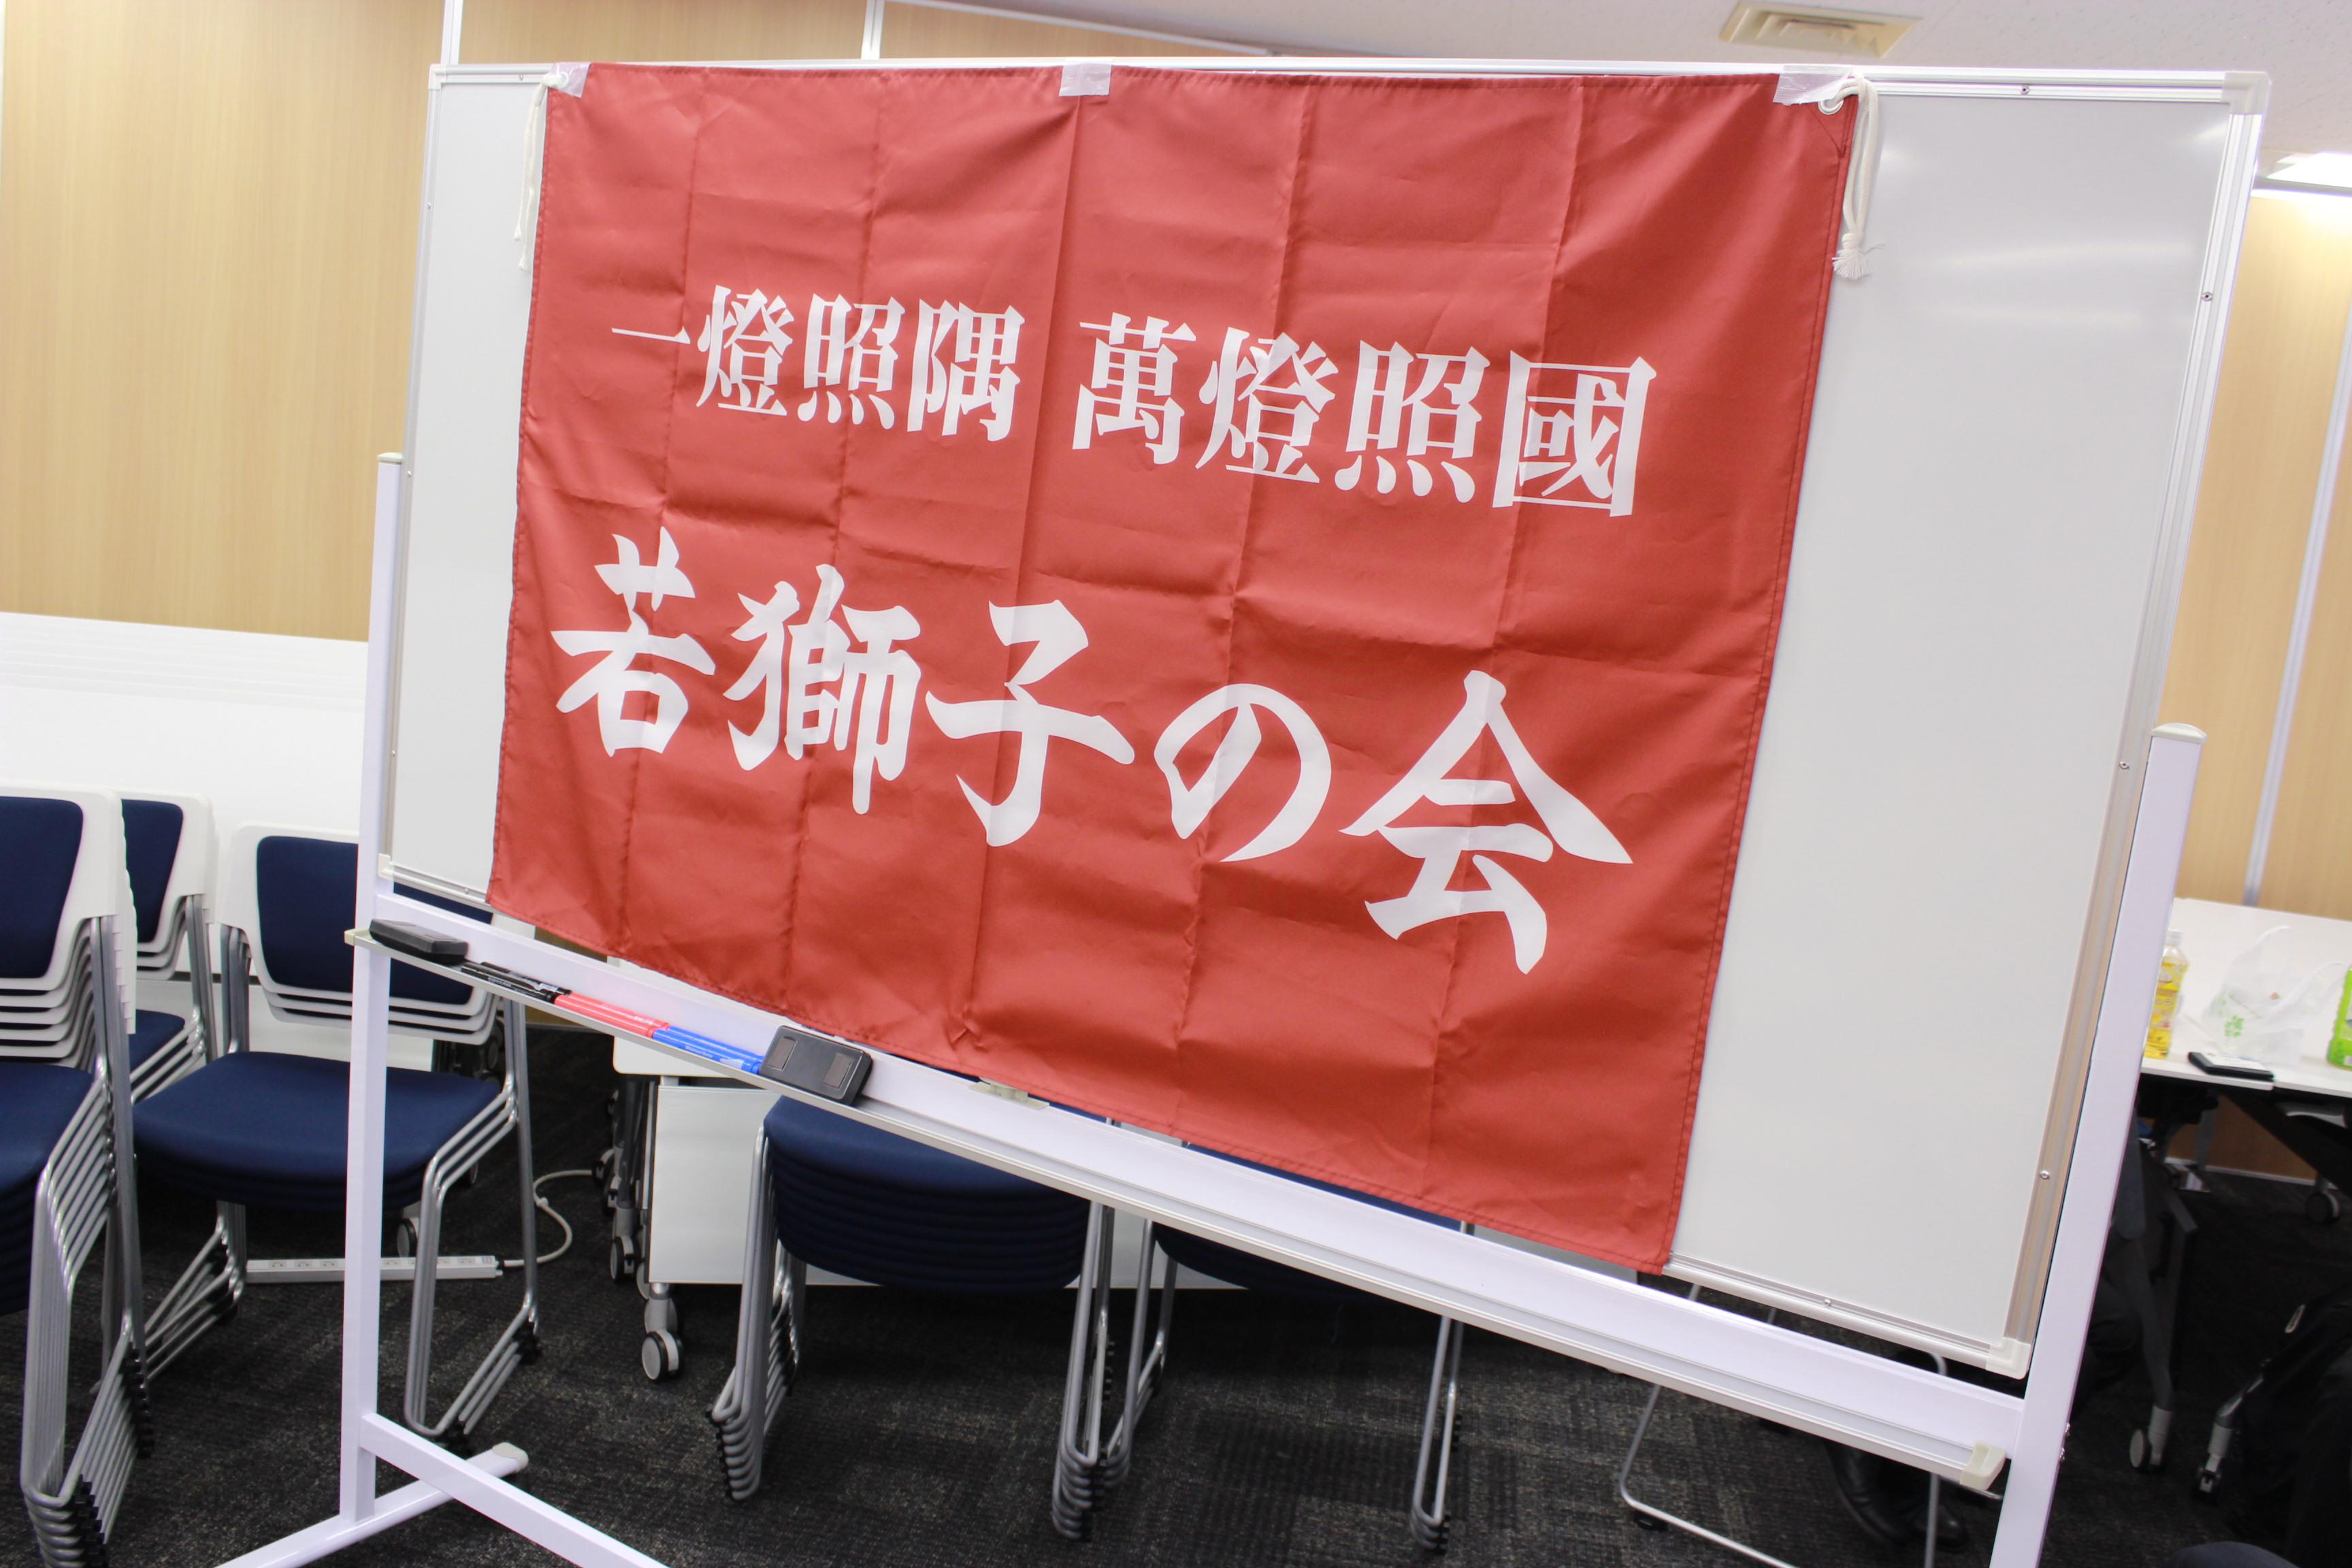 IMG 7717 - 関東若獅子の会、記念すべき第100回